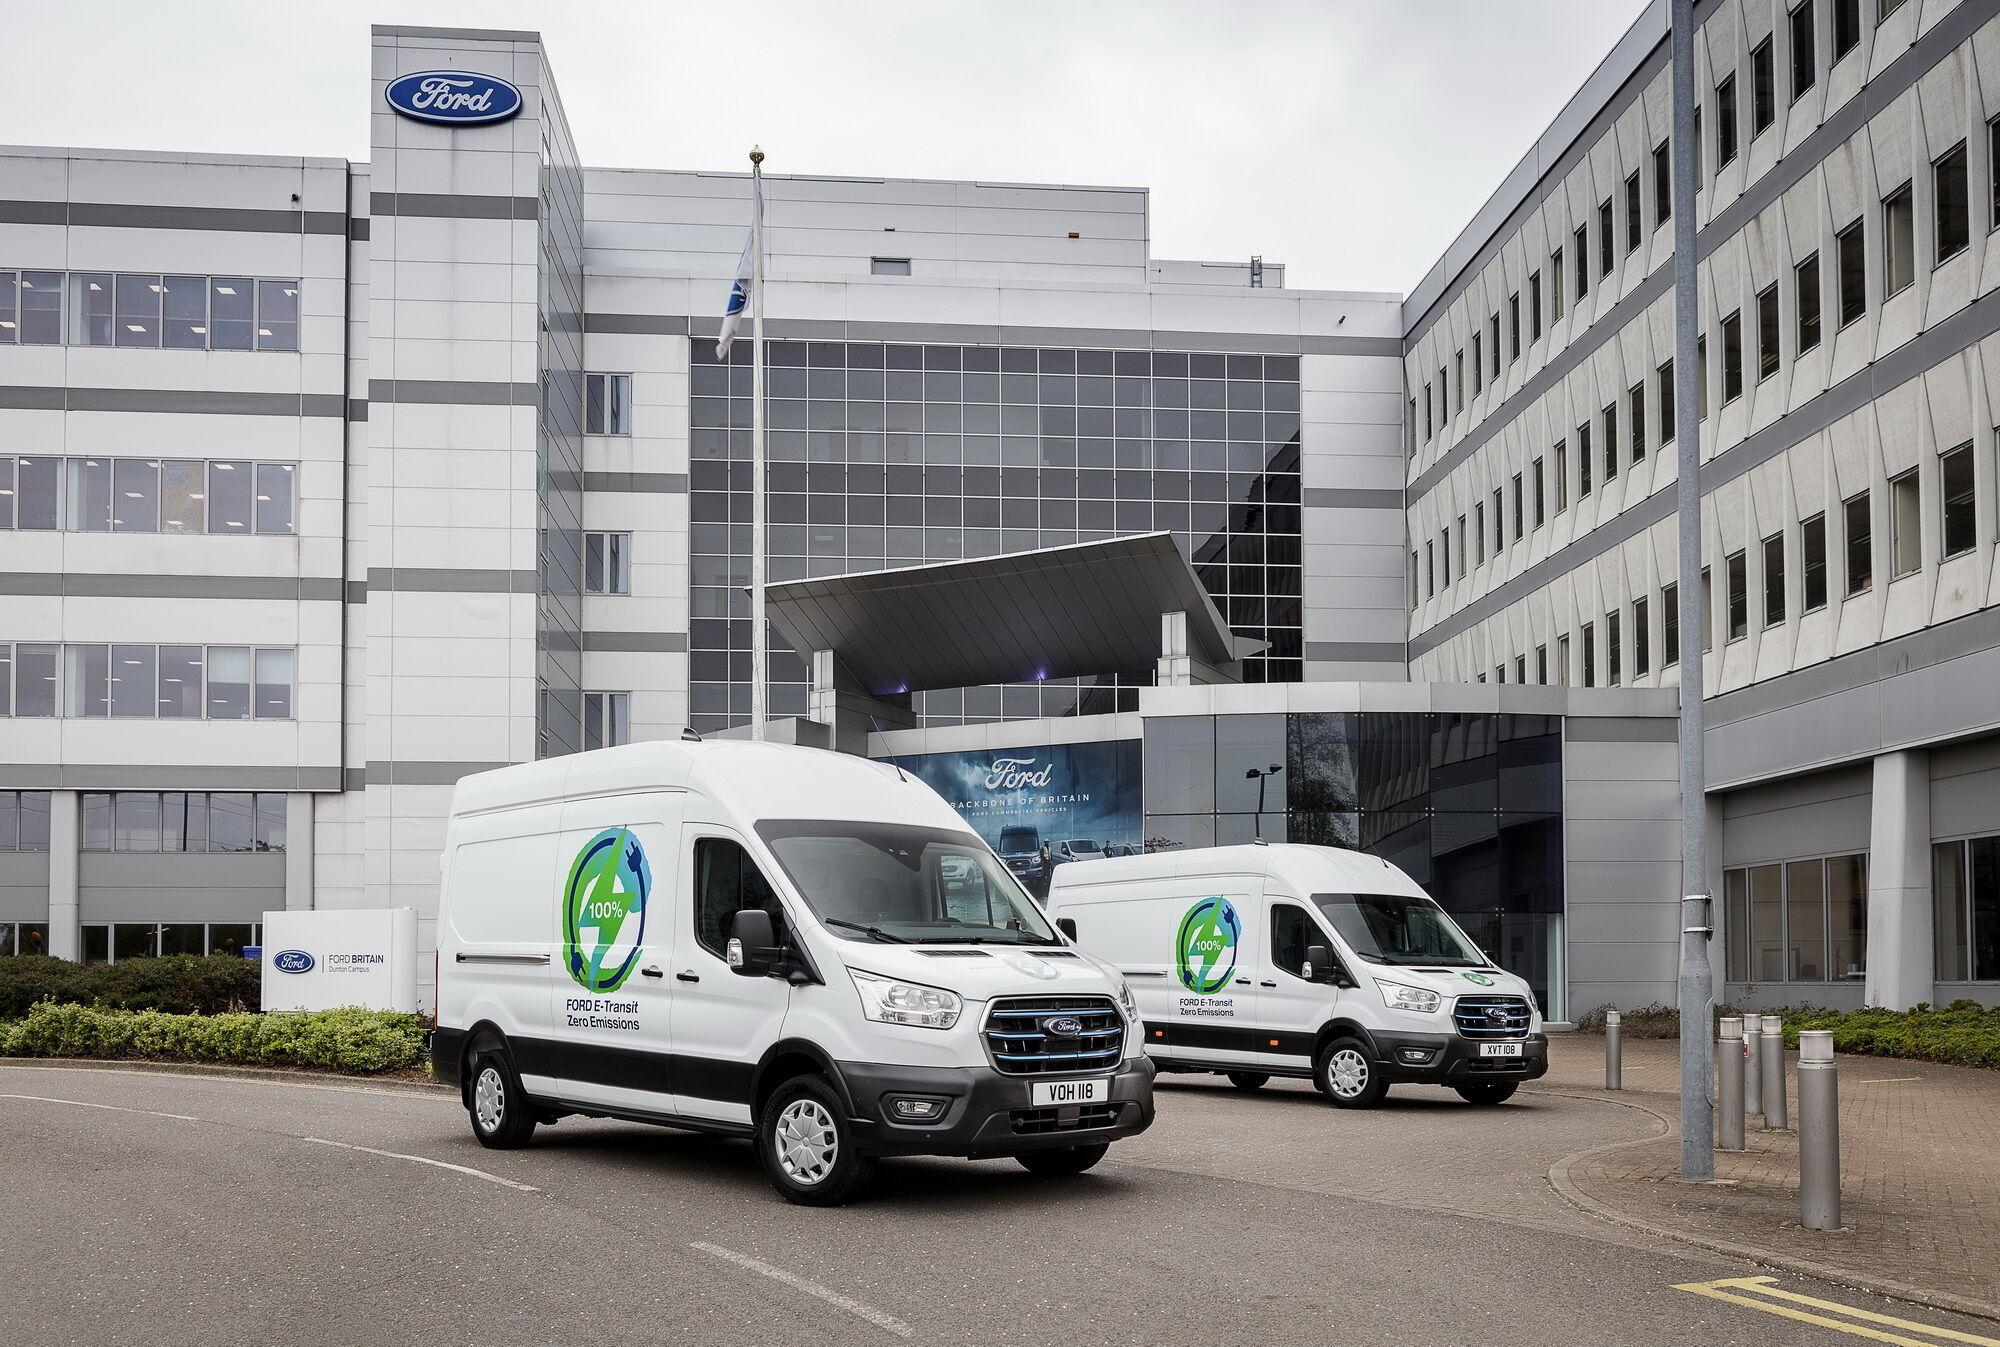 Випробування Ford в Європі для клієнтів є частиною великої програми розвитку E-Transit